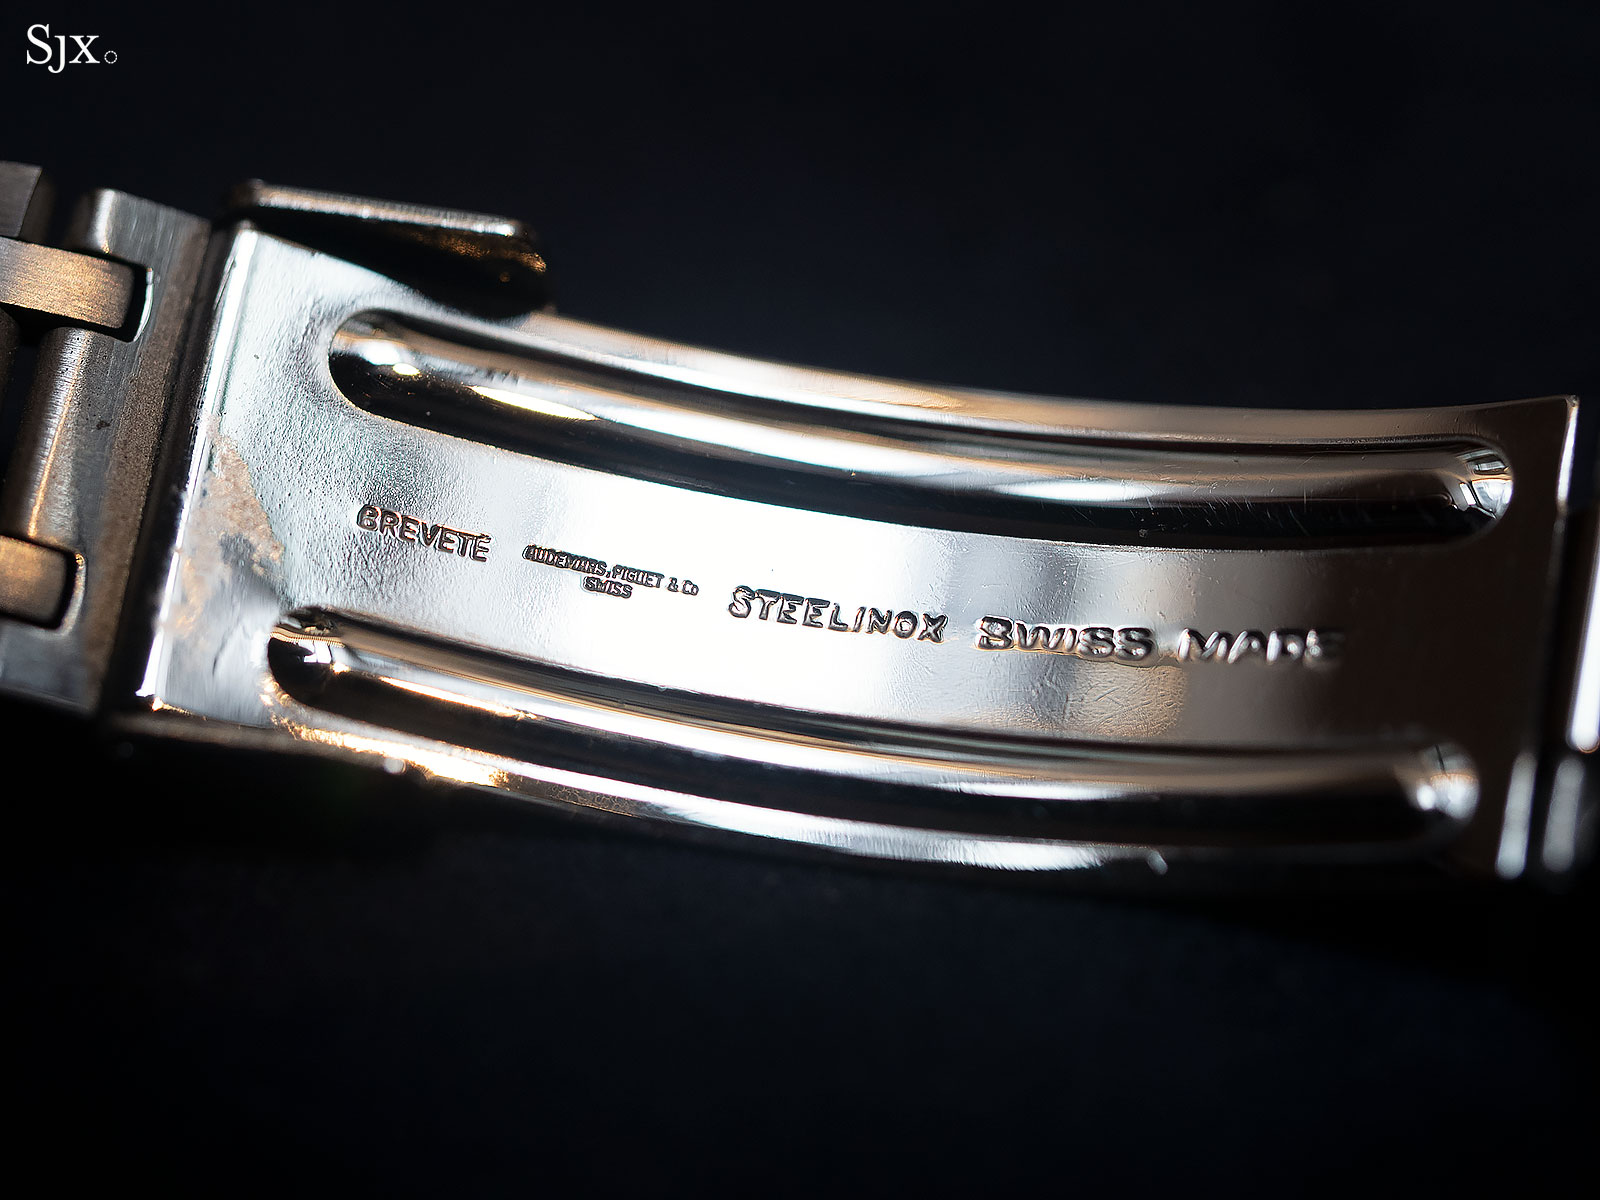 Audemars Piguet Royal Oak A-Series prototype 6